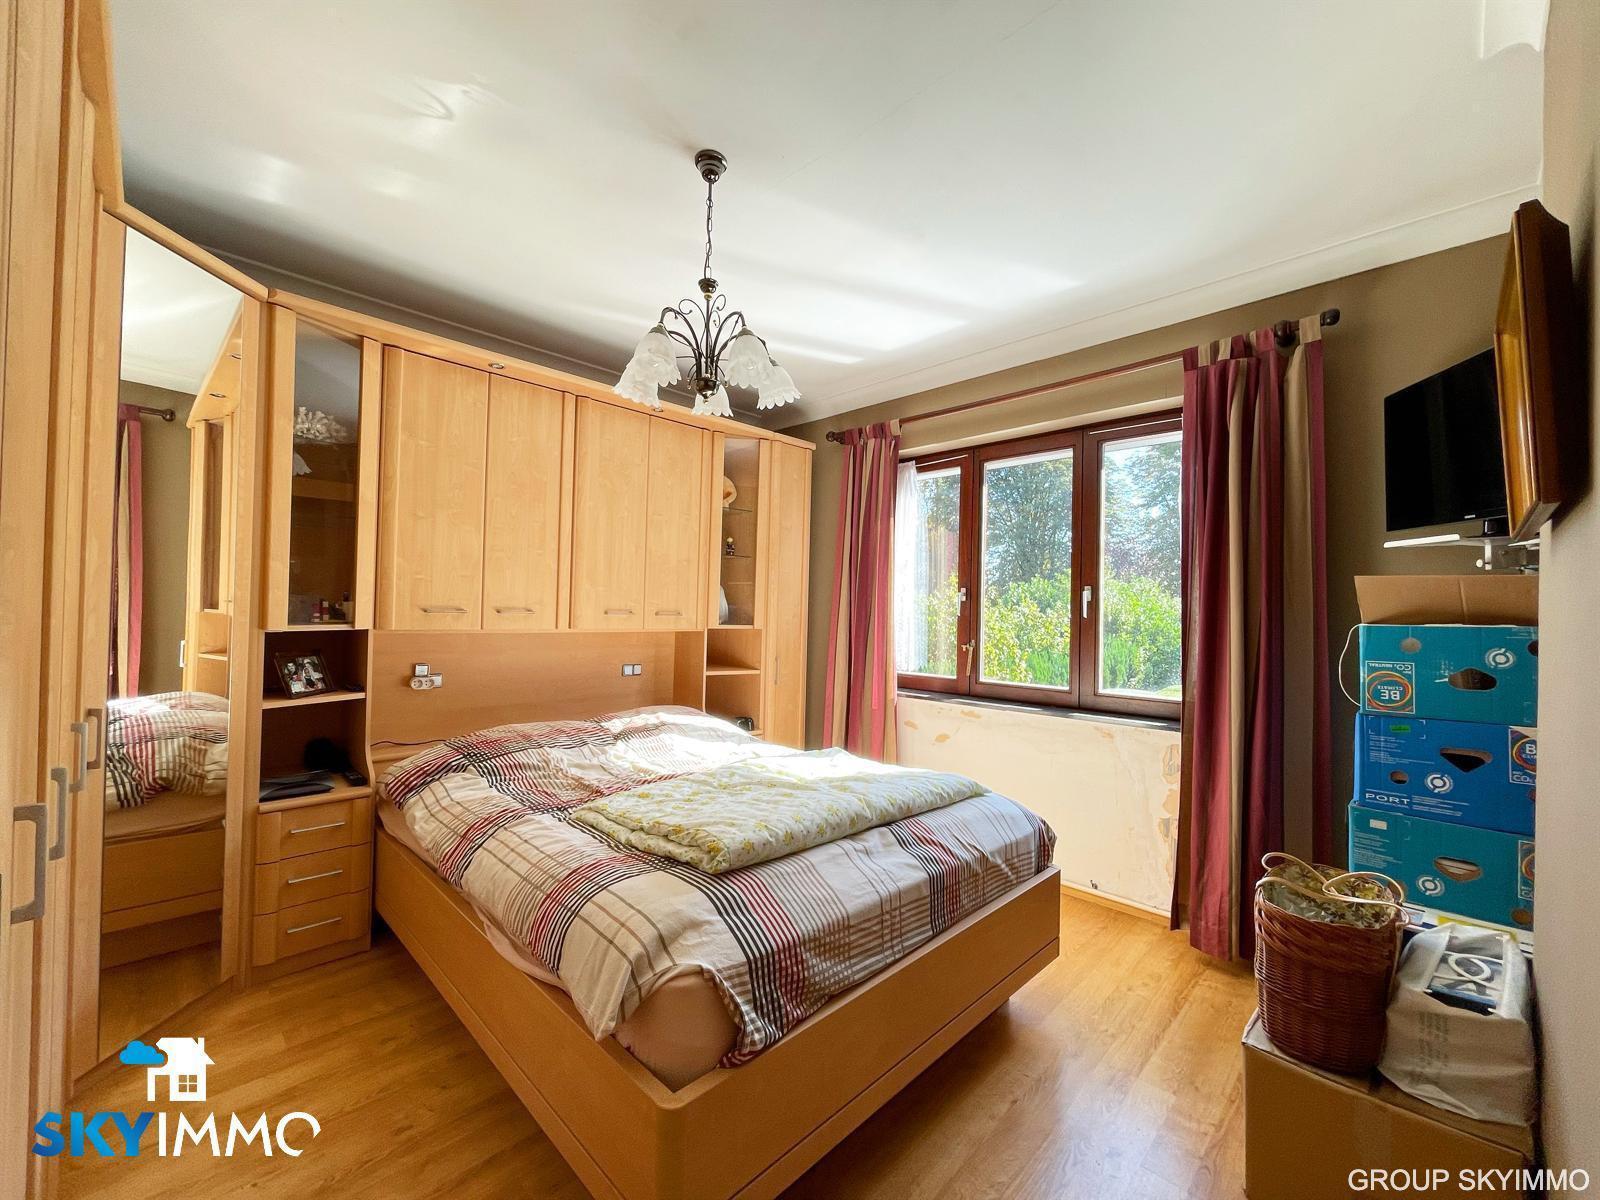 Maison unifamiliale - Flemalle - #4529033-25